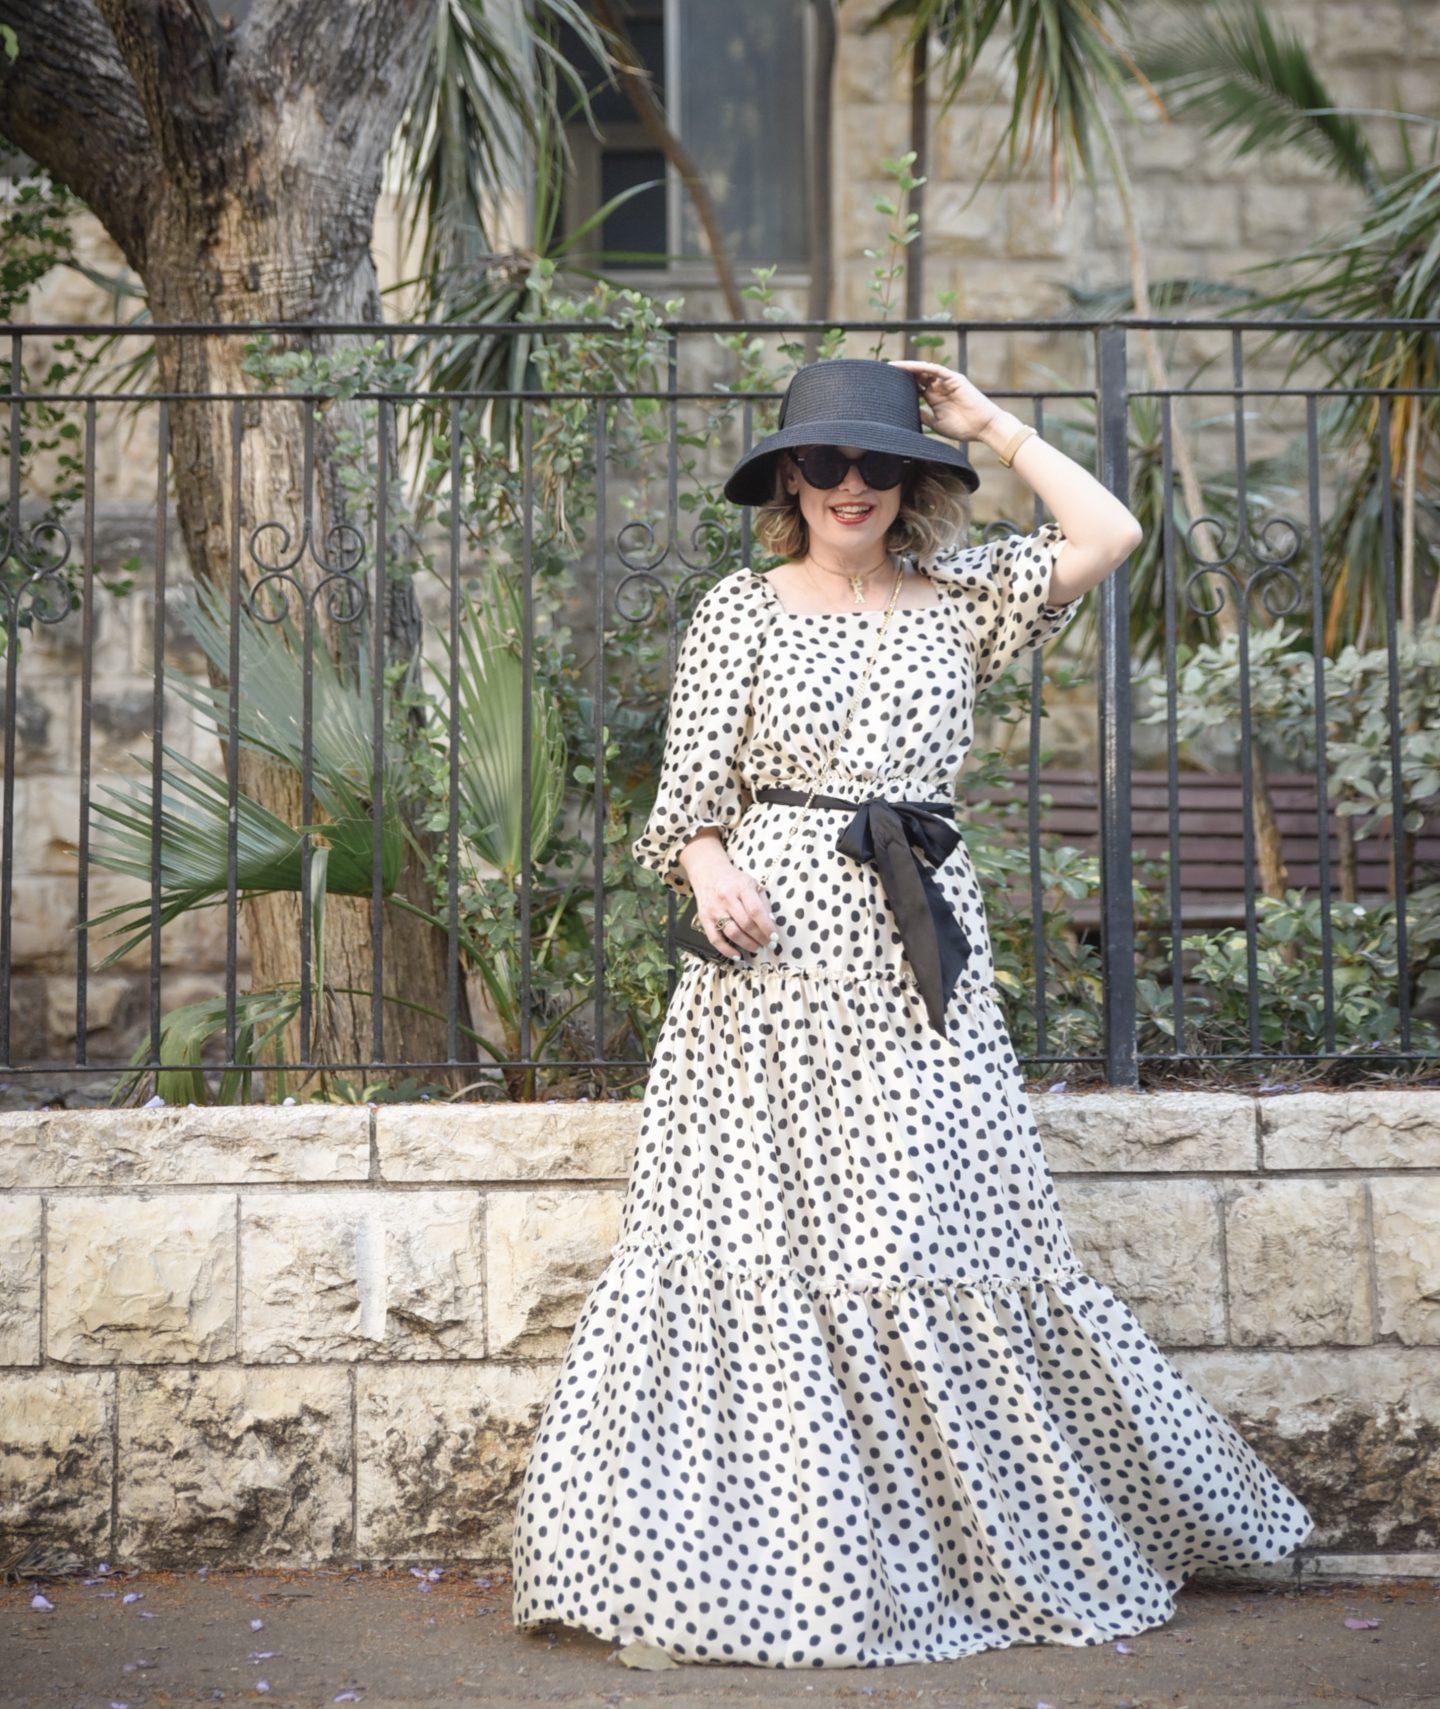 חיפהאוס – טיול אדריכלי בחיפה: חצי יום ברחוב ירושלים בהדר הכרמל